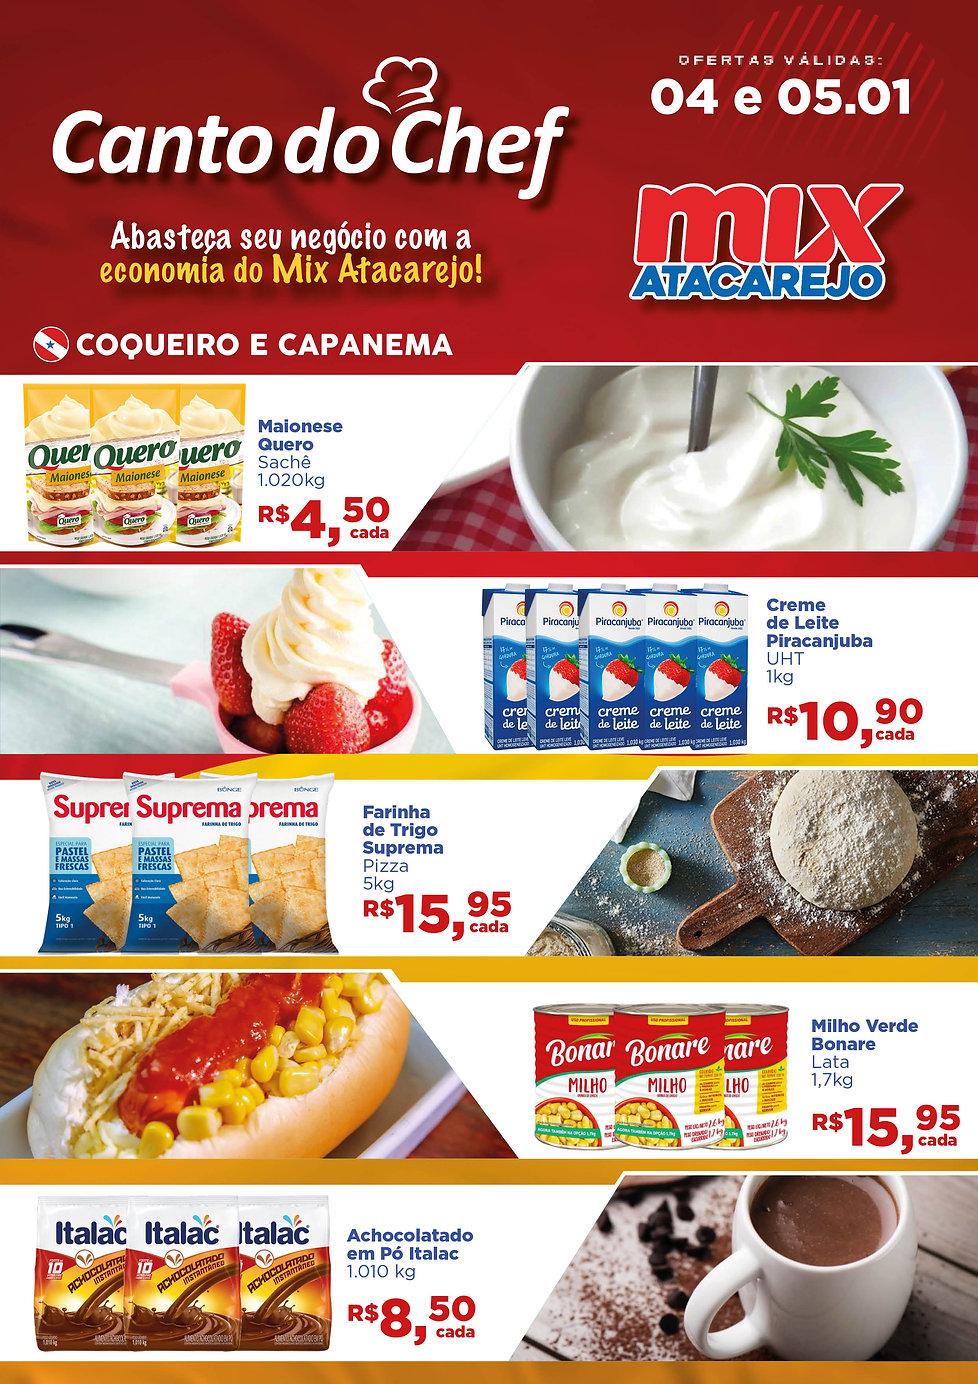 Encarte_Canto_do_Chef_04_E_05_DE_JANEIRO